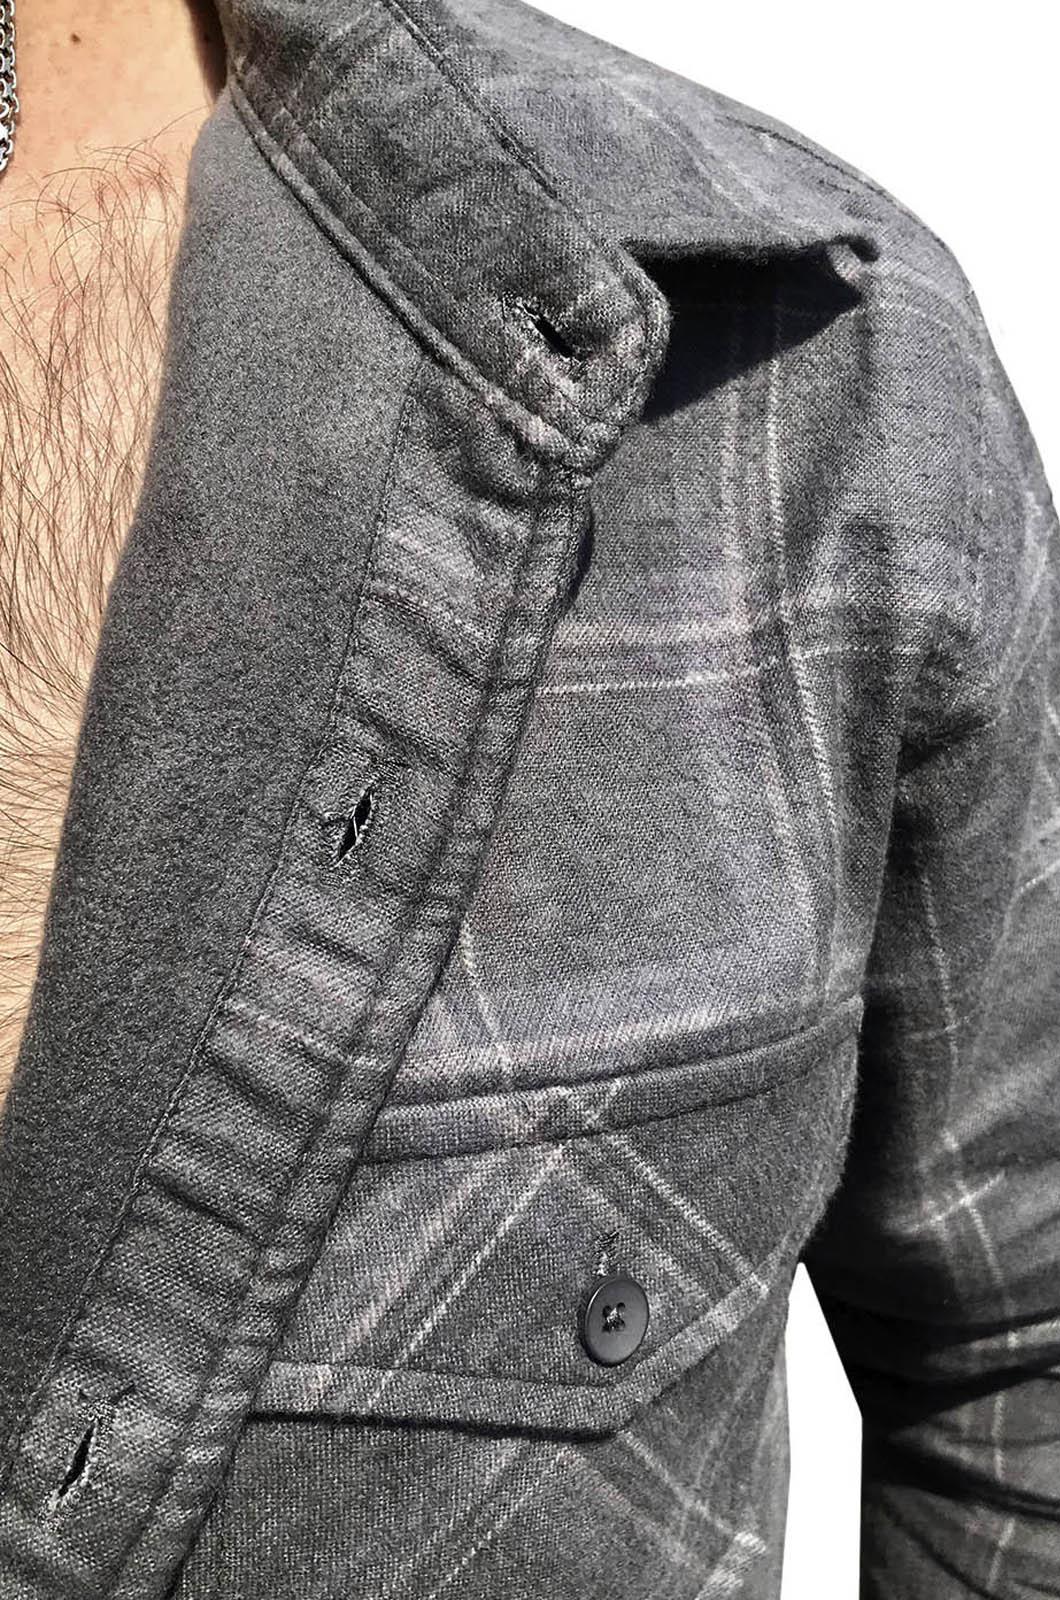 Рубашка в клетку 3 гв. ОБрСпН купить по сбалансированной цене